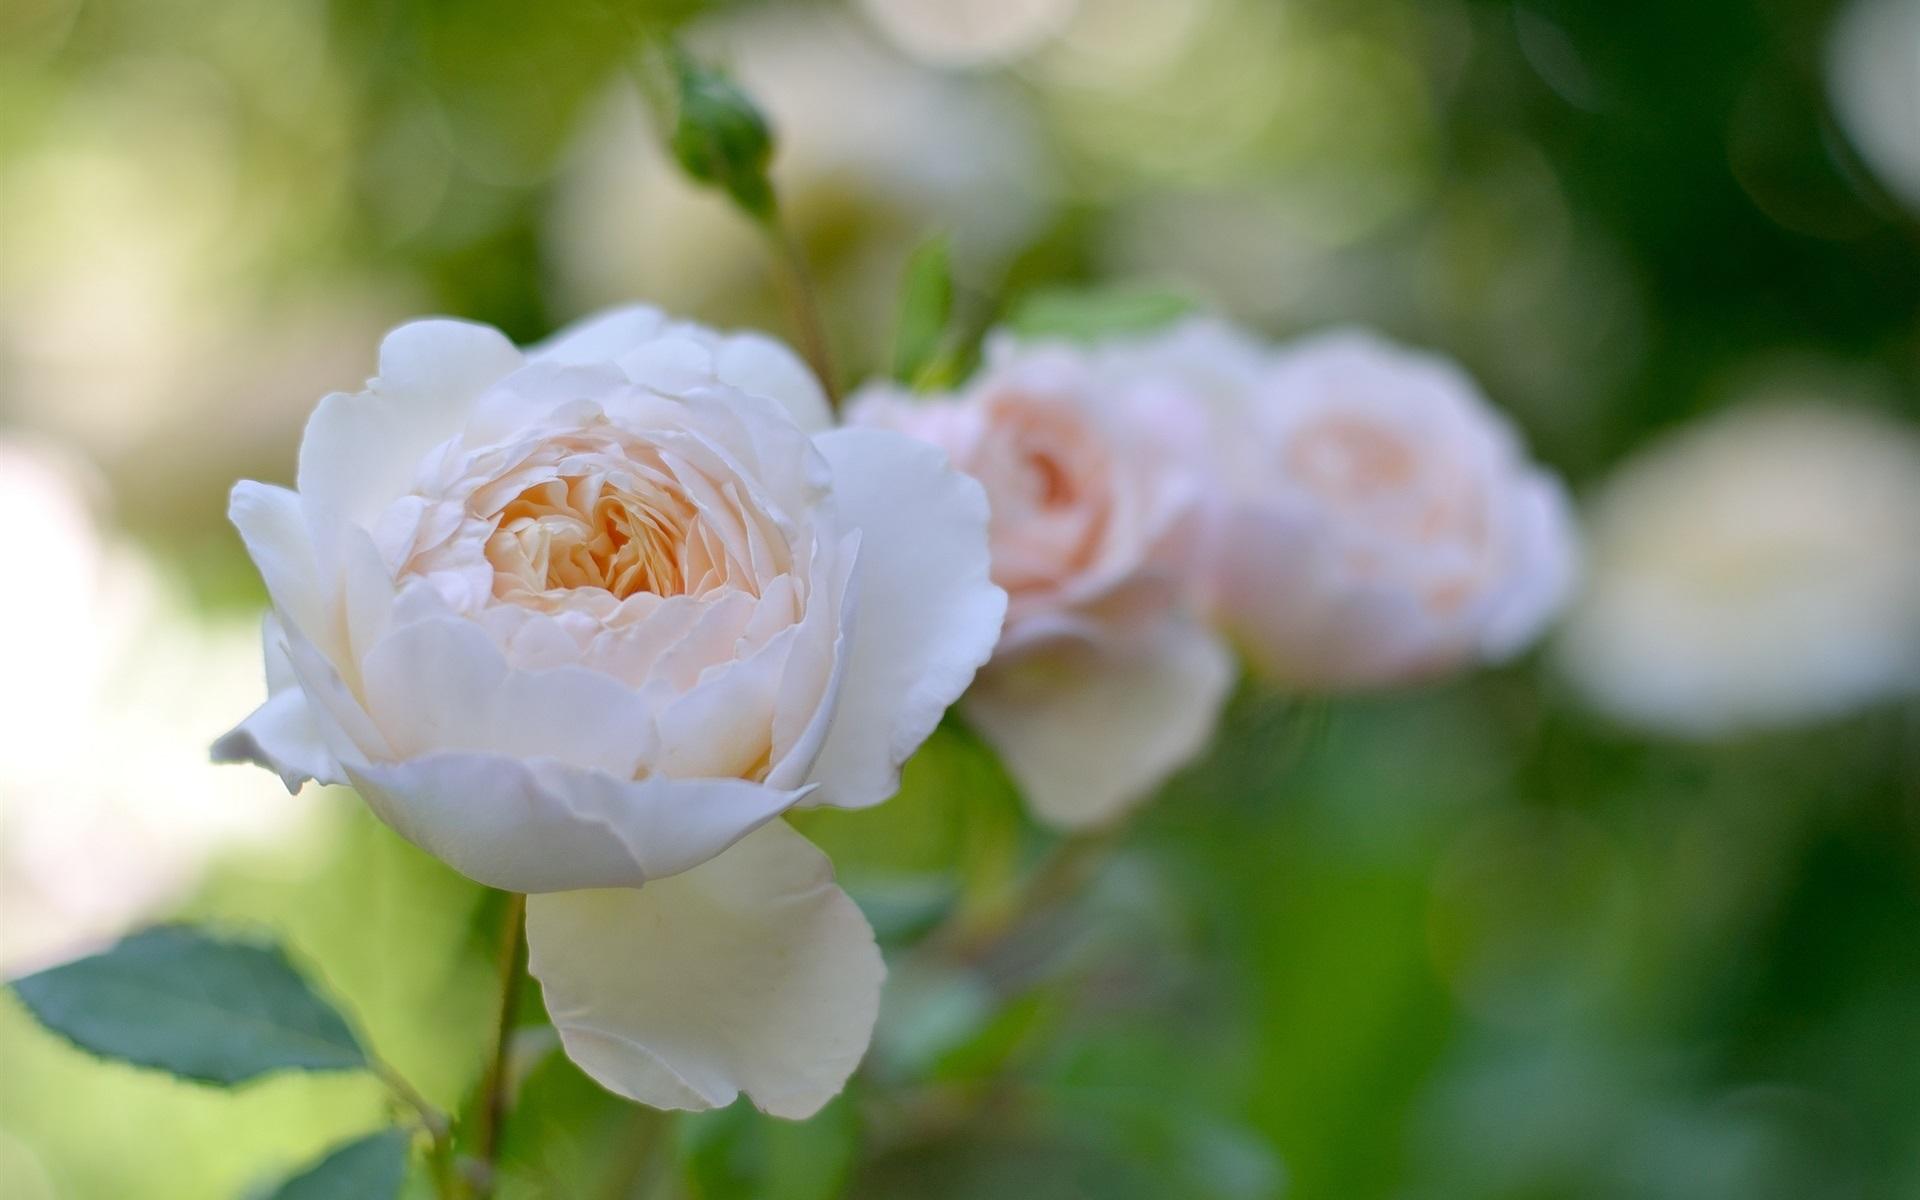 壁紙 白い花バラ、庭 1920x1200 HD 無料のデスクトップの背景, 画像 White Rose Flower Garden Wallpaper